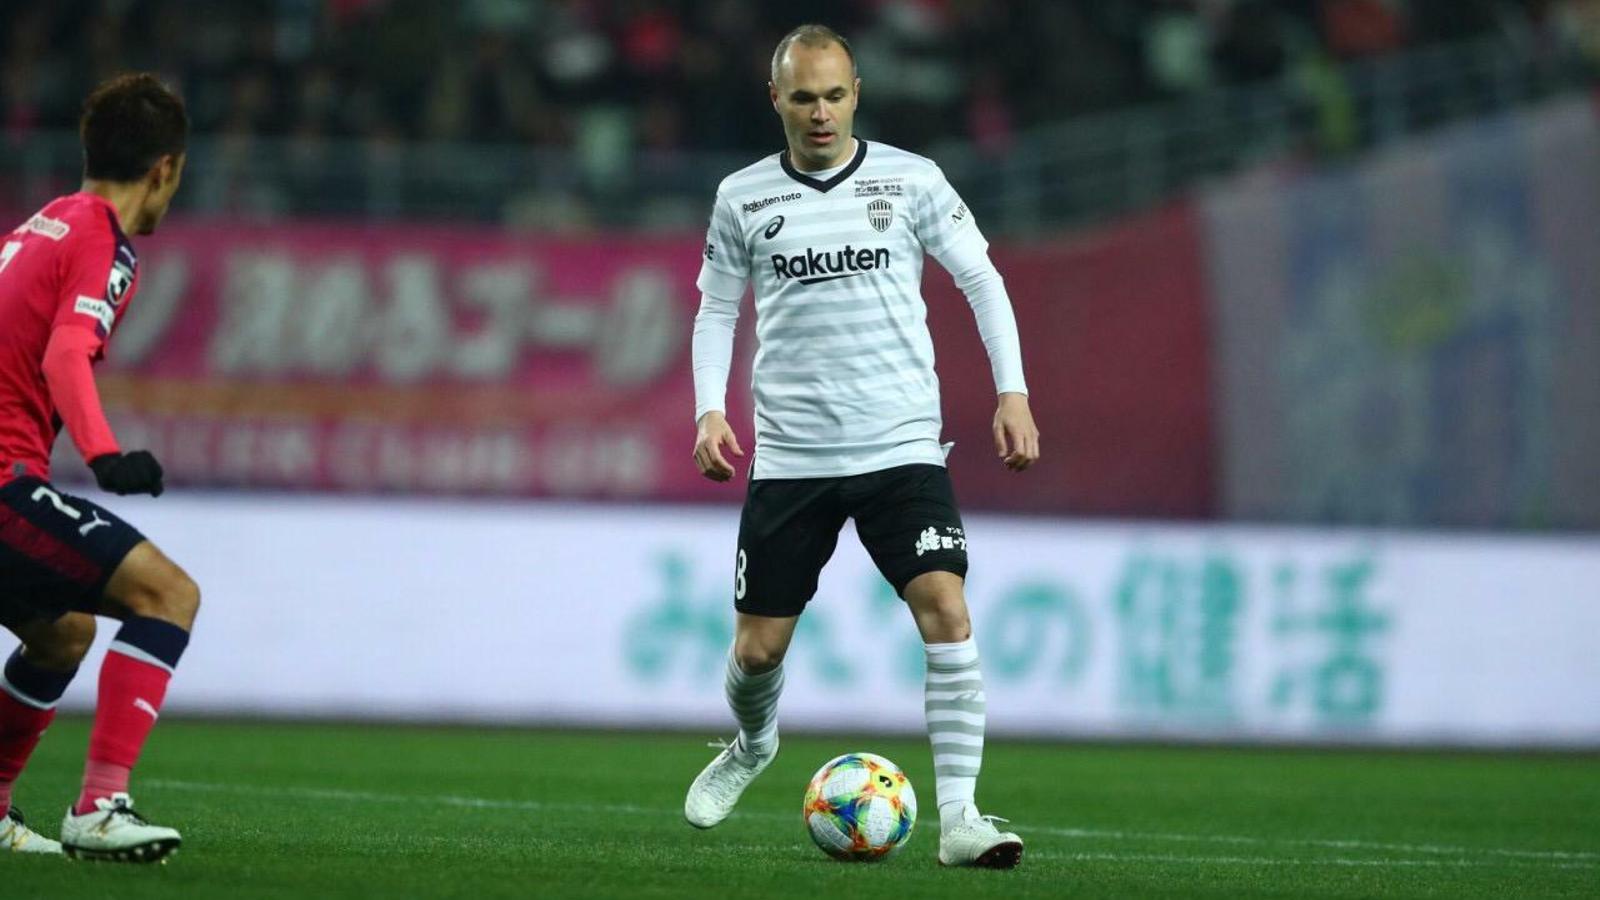 Lotina derrota al Vissel Kobe d'Iniesta, Villa i Lillo a la primera jornada de la lliga japonesa